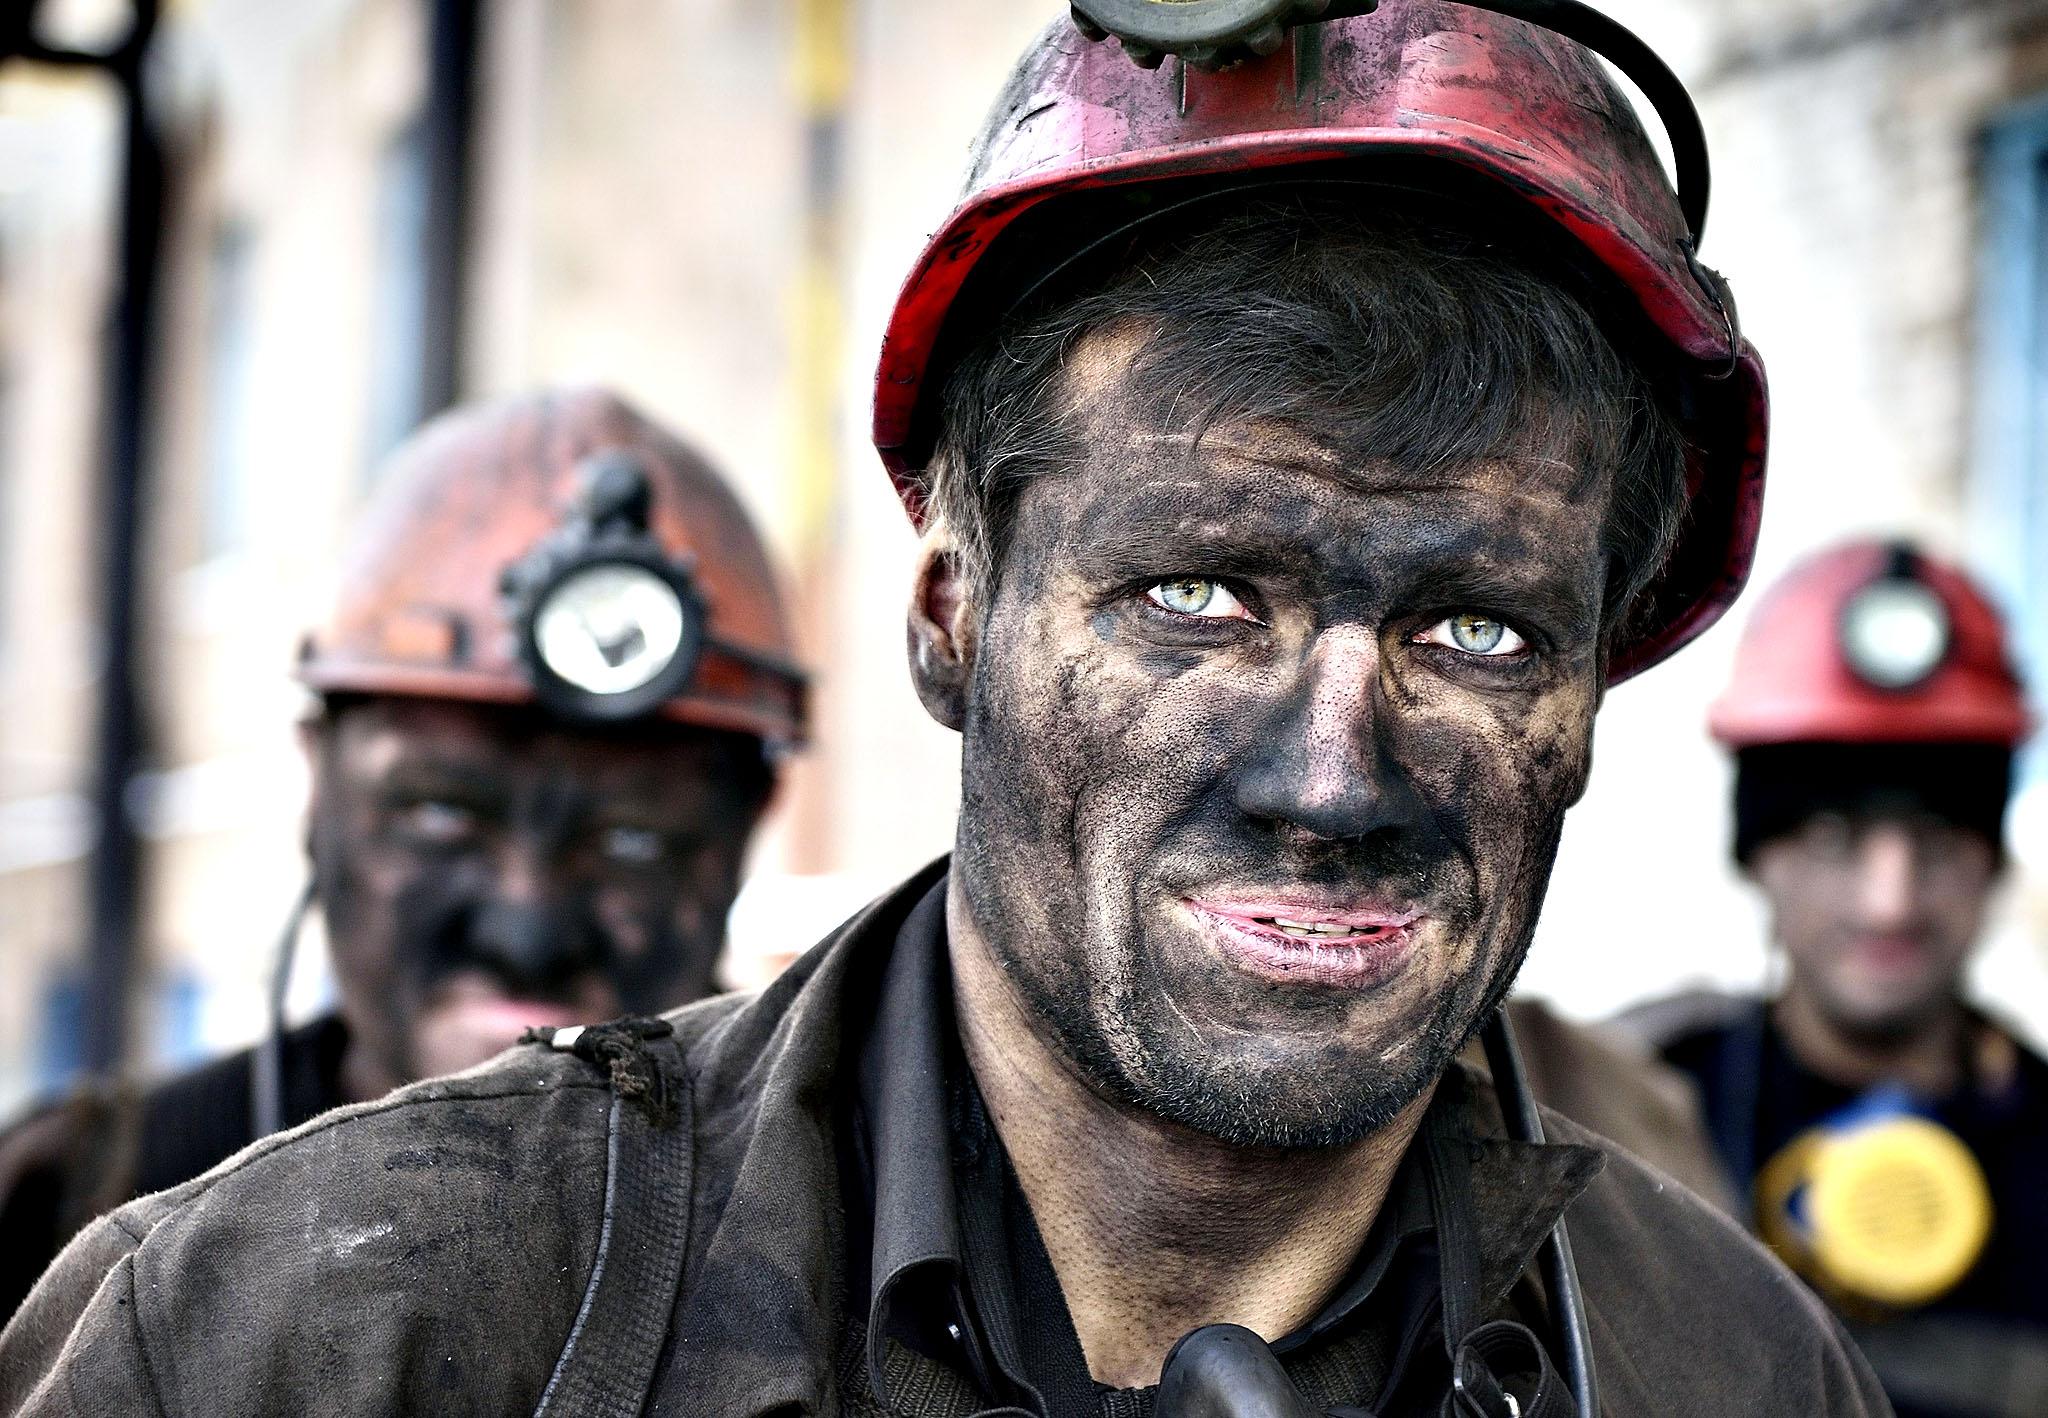 ALERTĂ! Minerii nu renunță la proteste! Aproape 100 de ortaci s-au blocat în subteran! 3